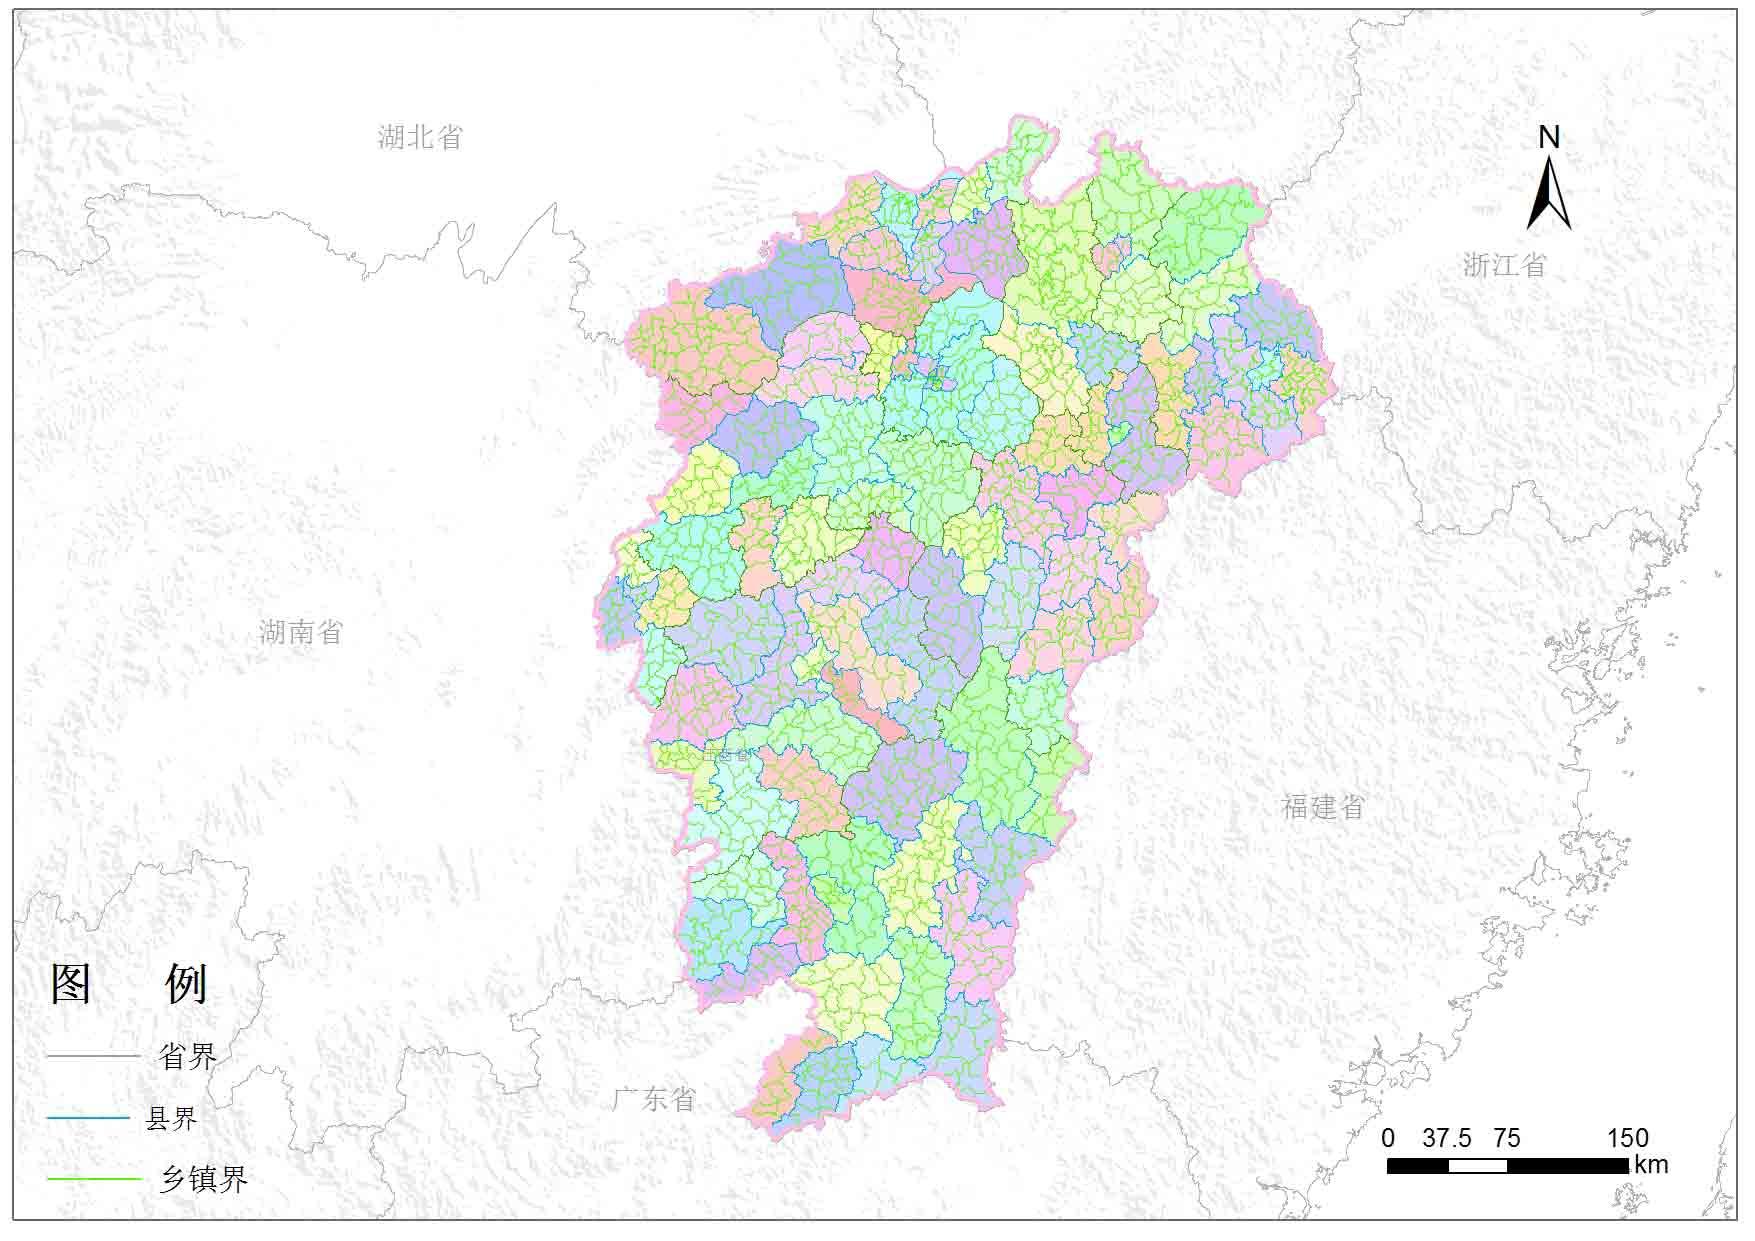 江西南昌_江西省乡镇行政区划-地图数据-地理国情监测云平台